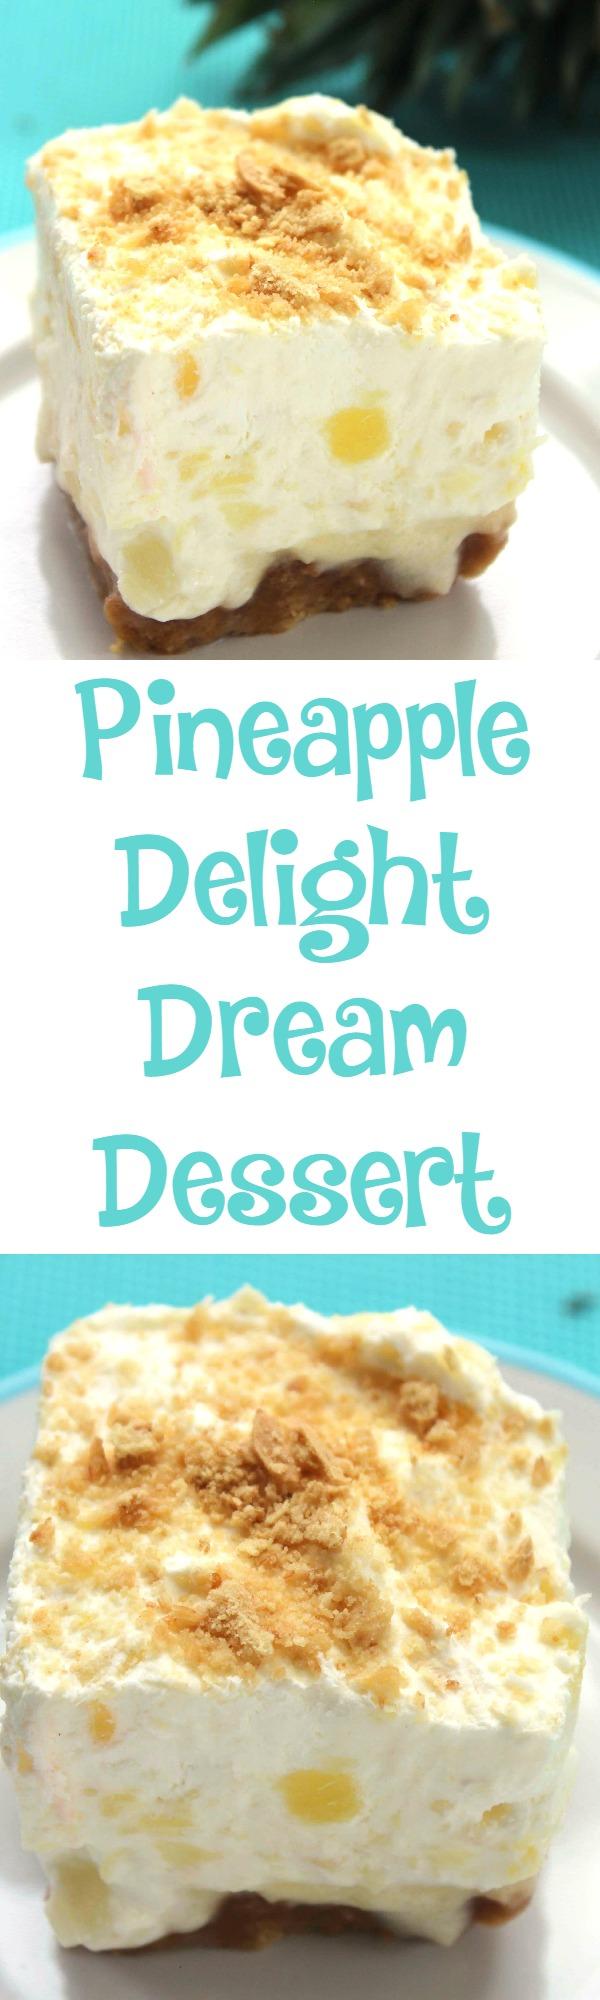 Pineapple Delight Dream Dessert